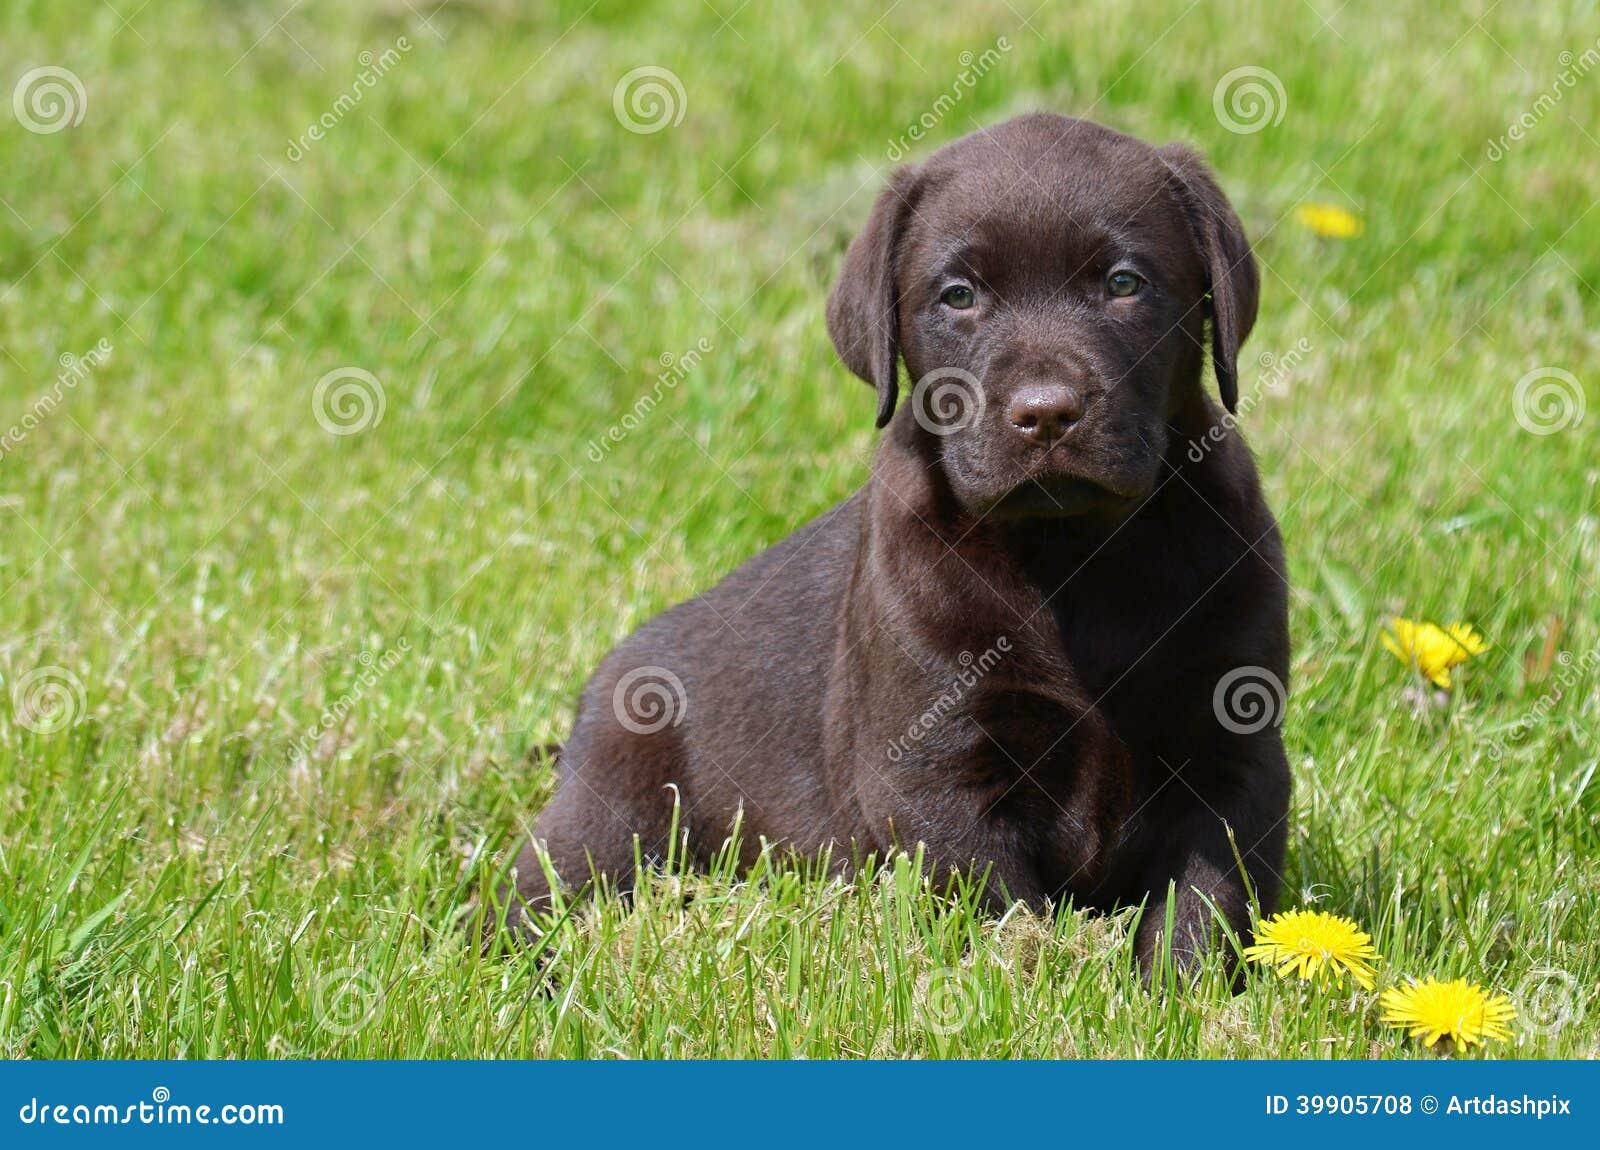 cute chocolate labrador retriever - photo #25